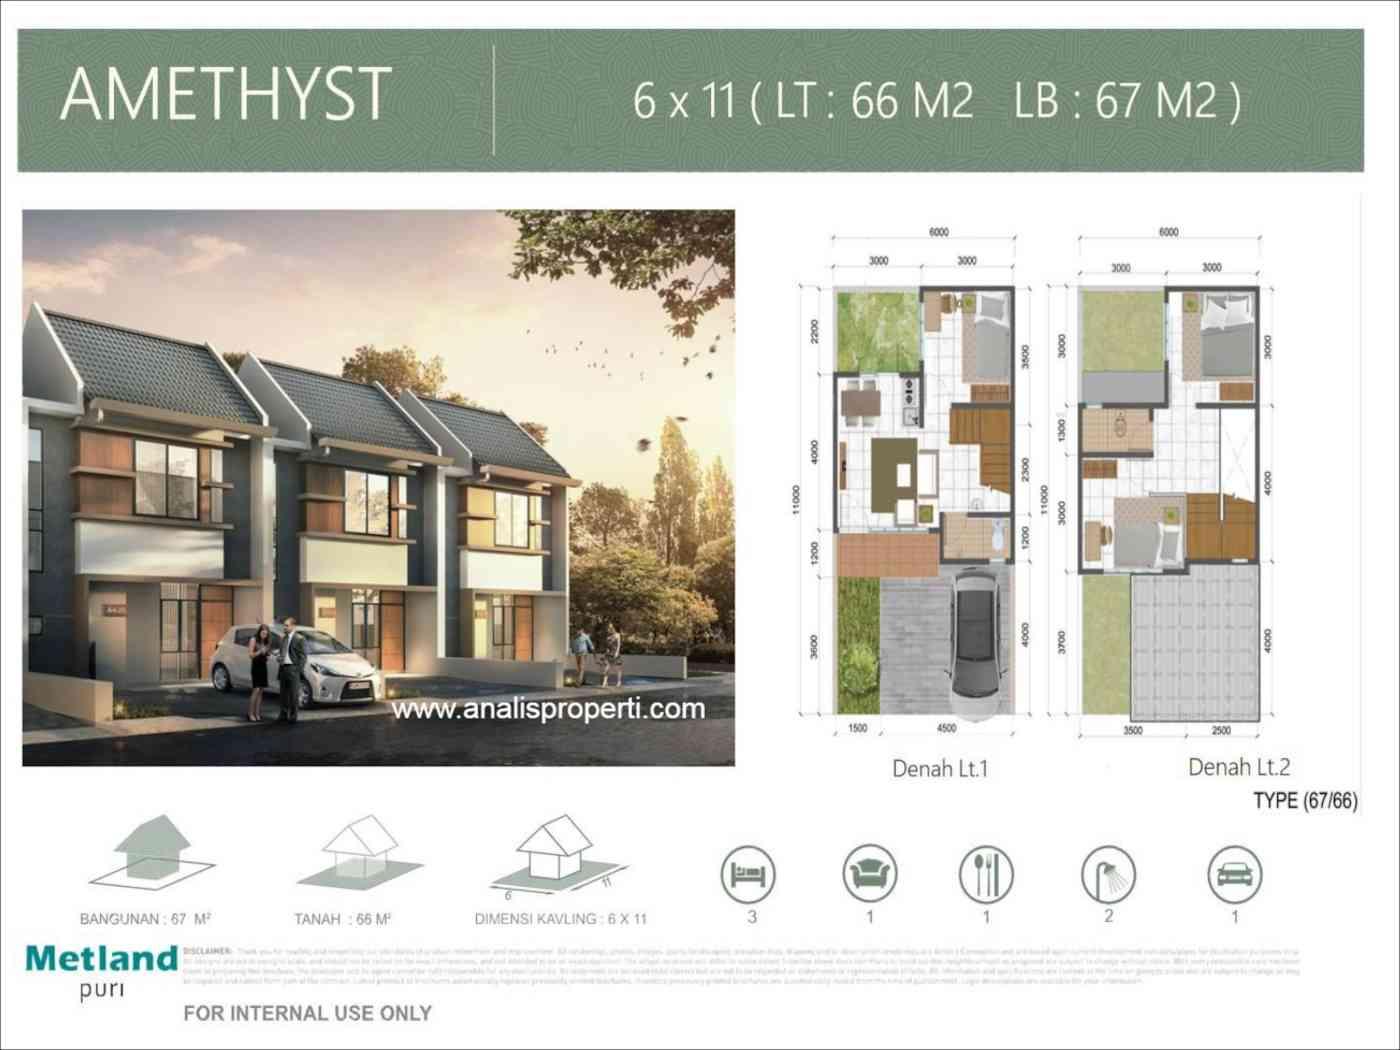 Denah Rumah Amethyst Metland Puri